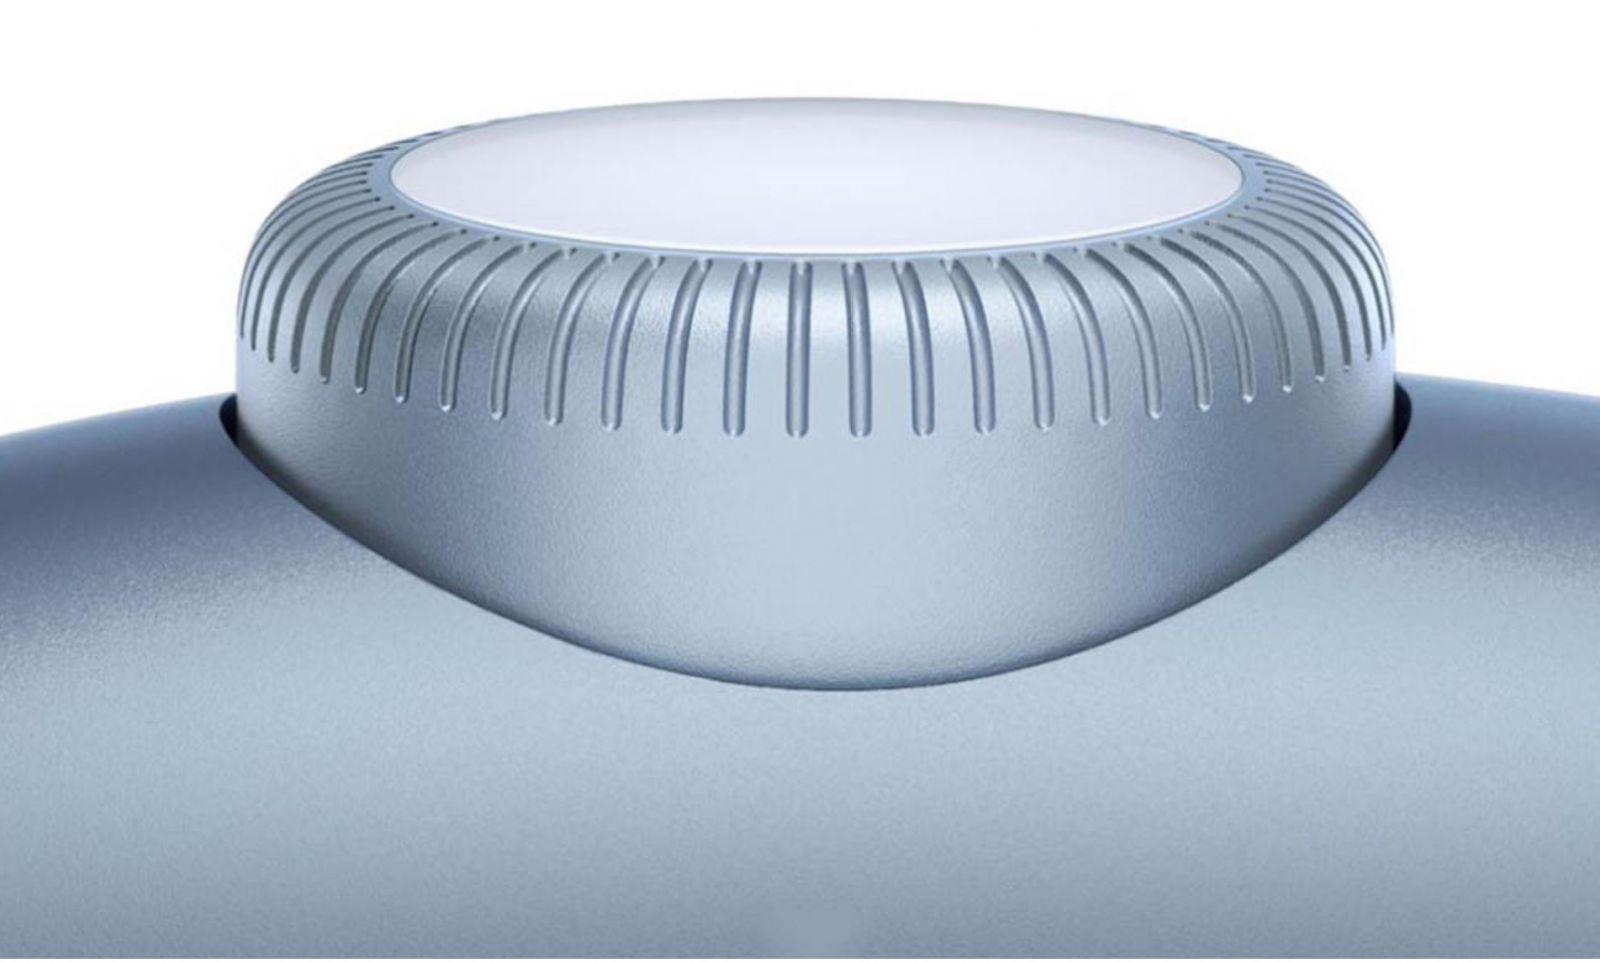 AirPods Max - Nhỏ gọn và tinh tế, nút xoay Digital Crown